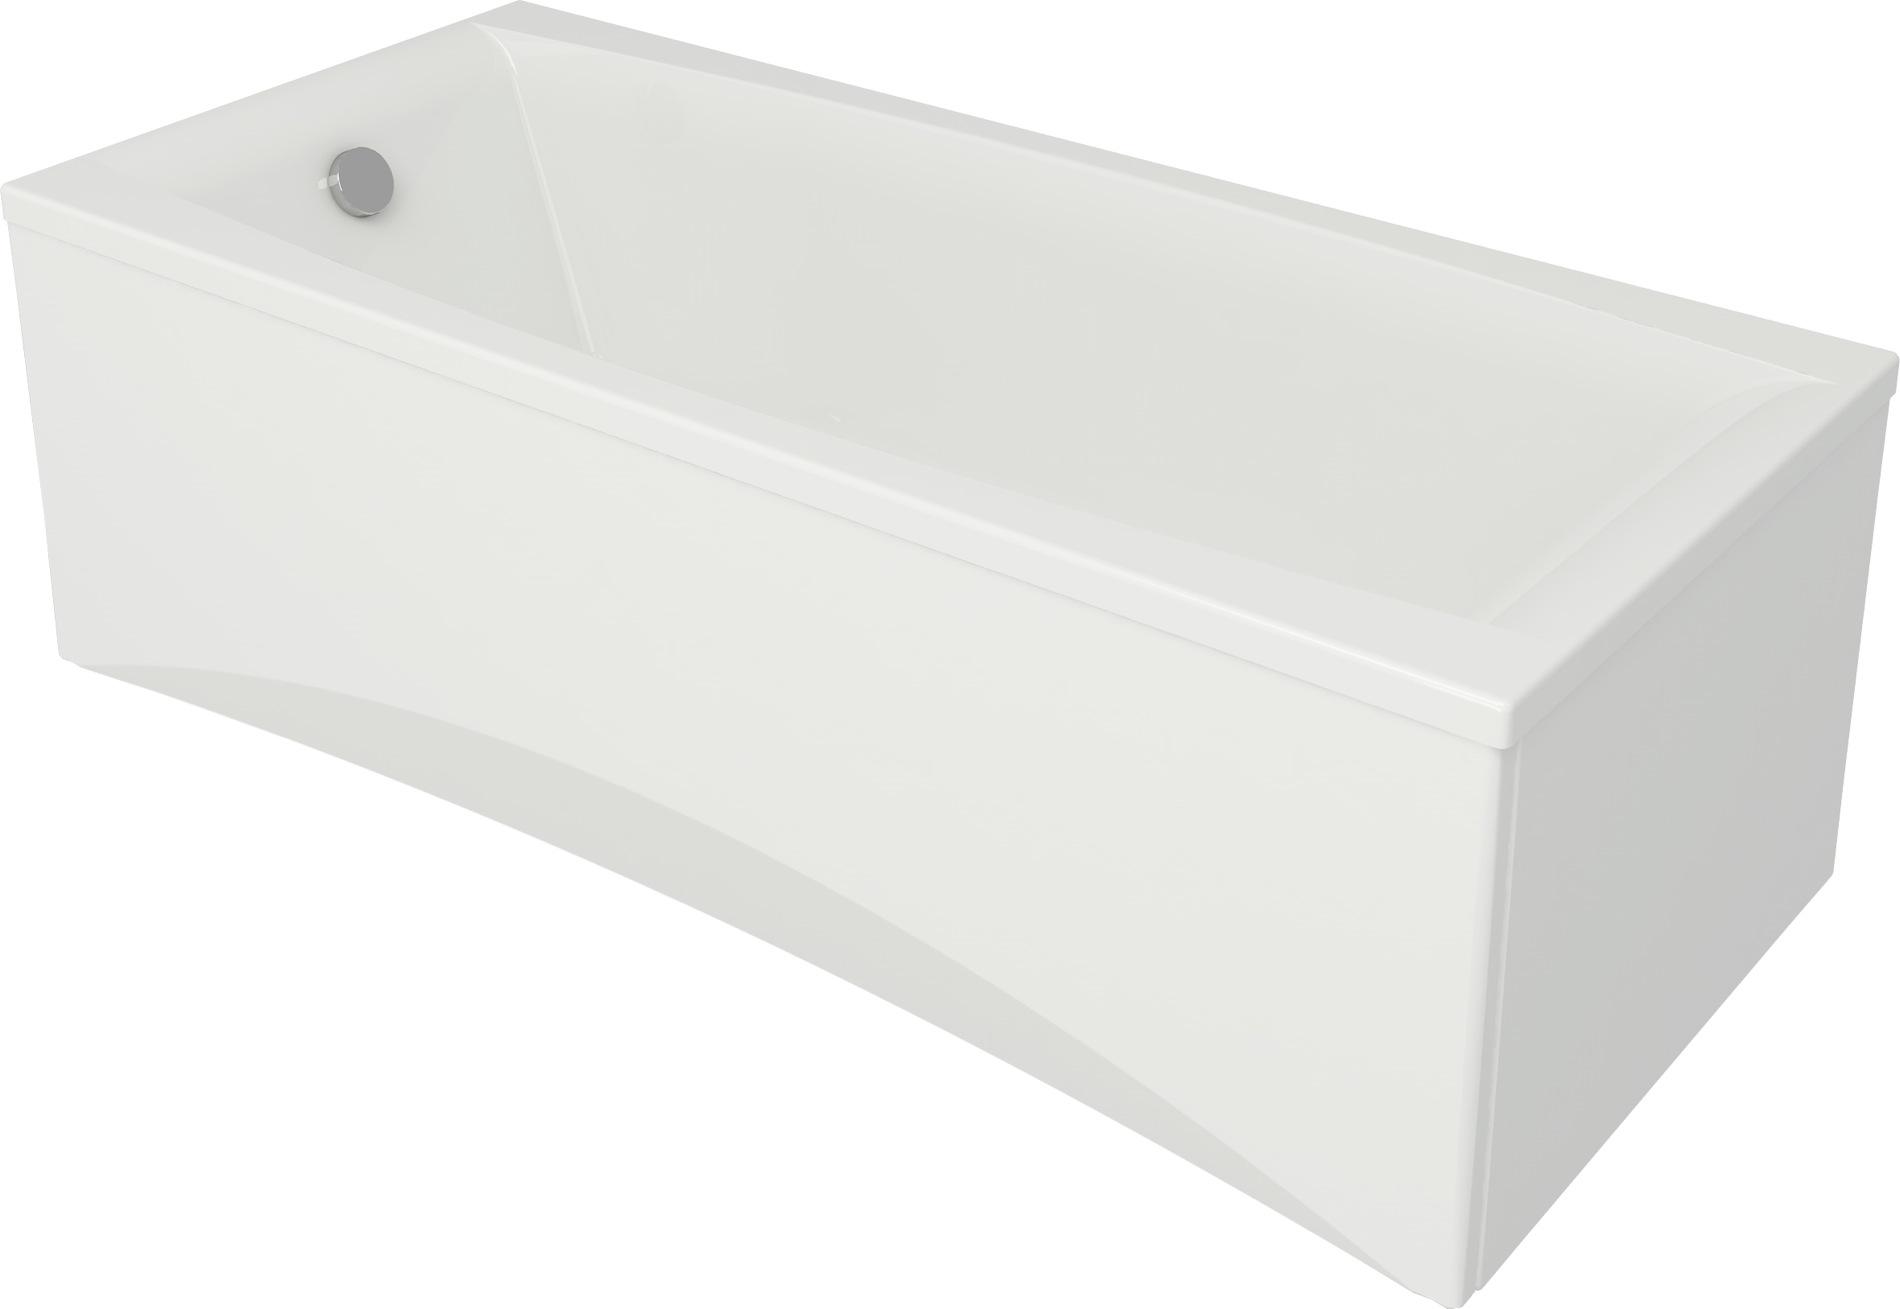 badewanne wanne rechteck 140 150 160 170 x 75 cm 180 x 80 cm sch rze ab ber ebay. Black Bedroom Furniture Sets. Home Design Ideas